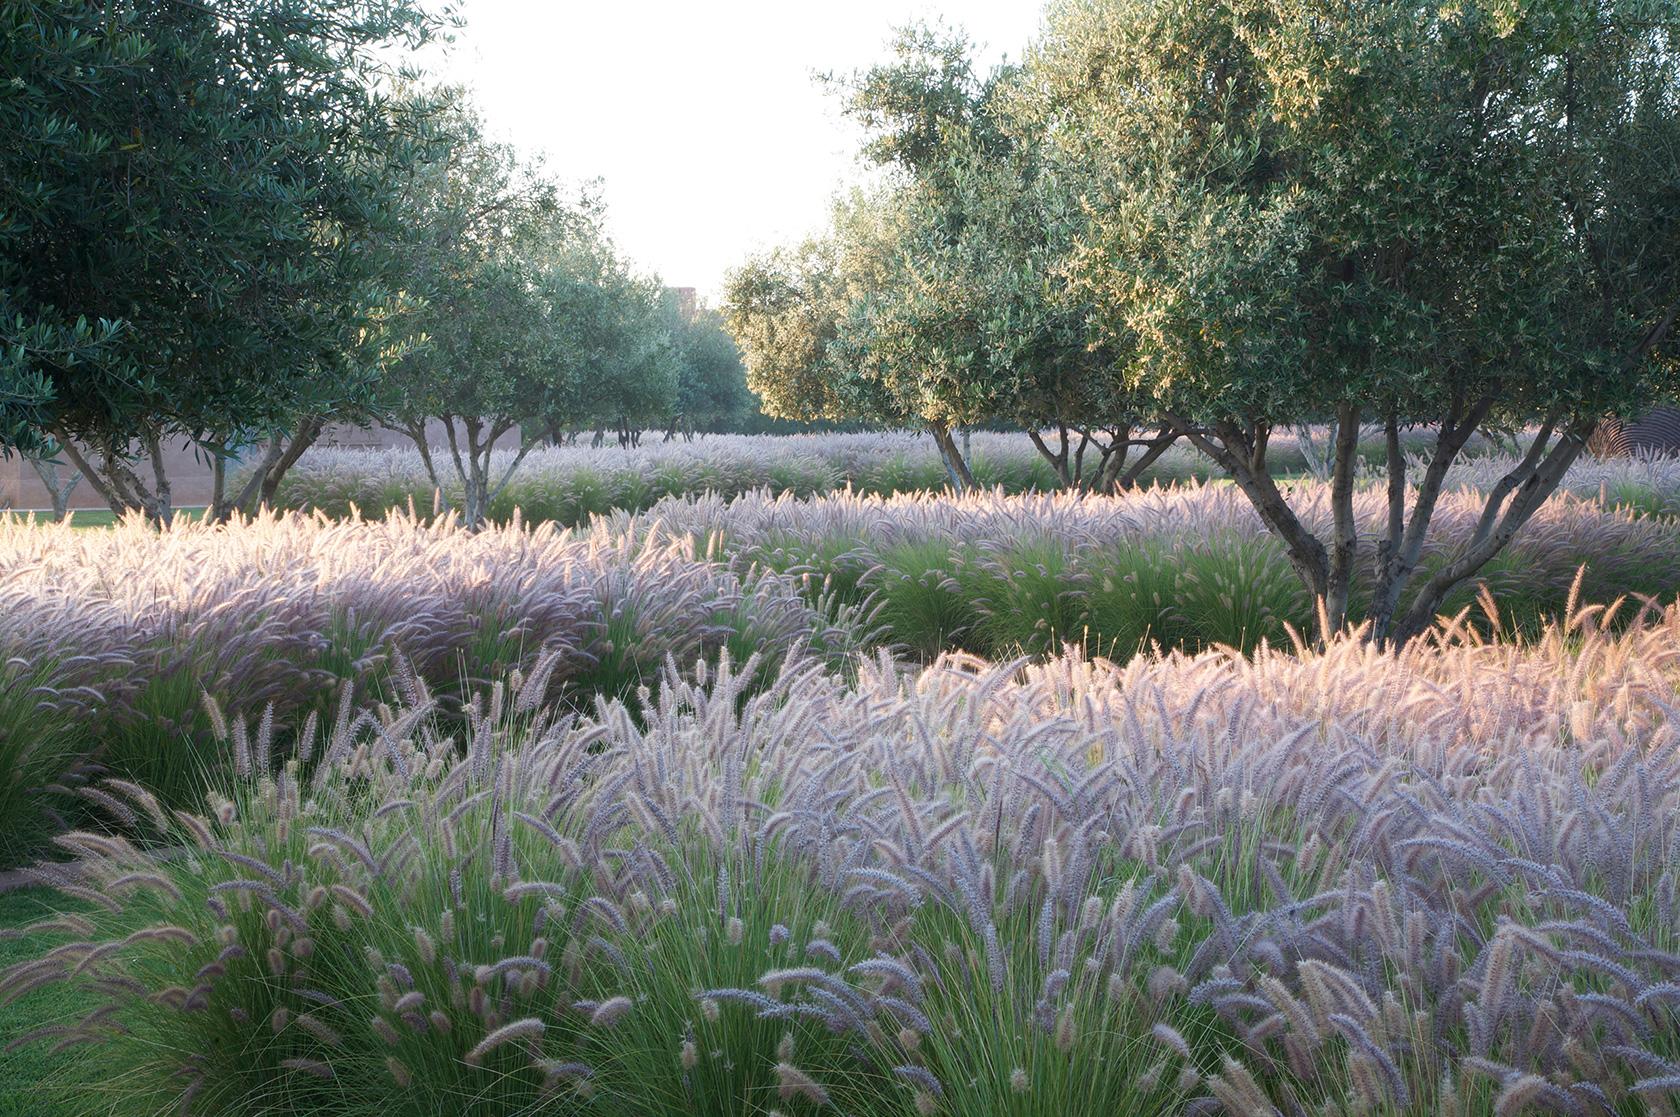 Luciano giubbilei morocco for Ornamental grass garden design pictures